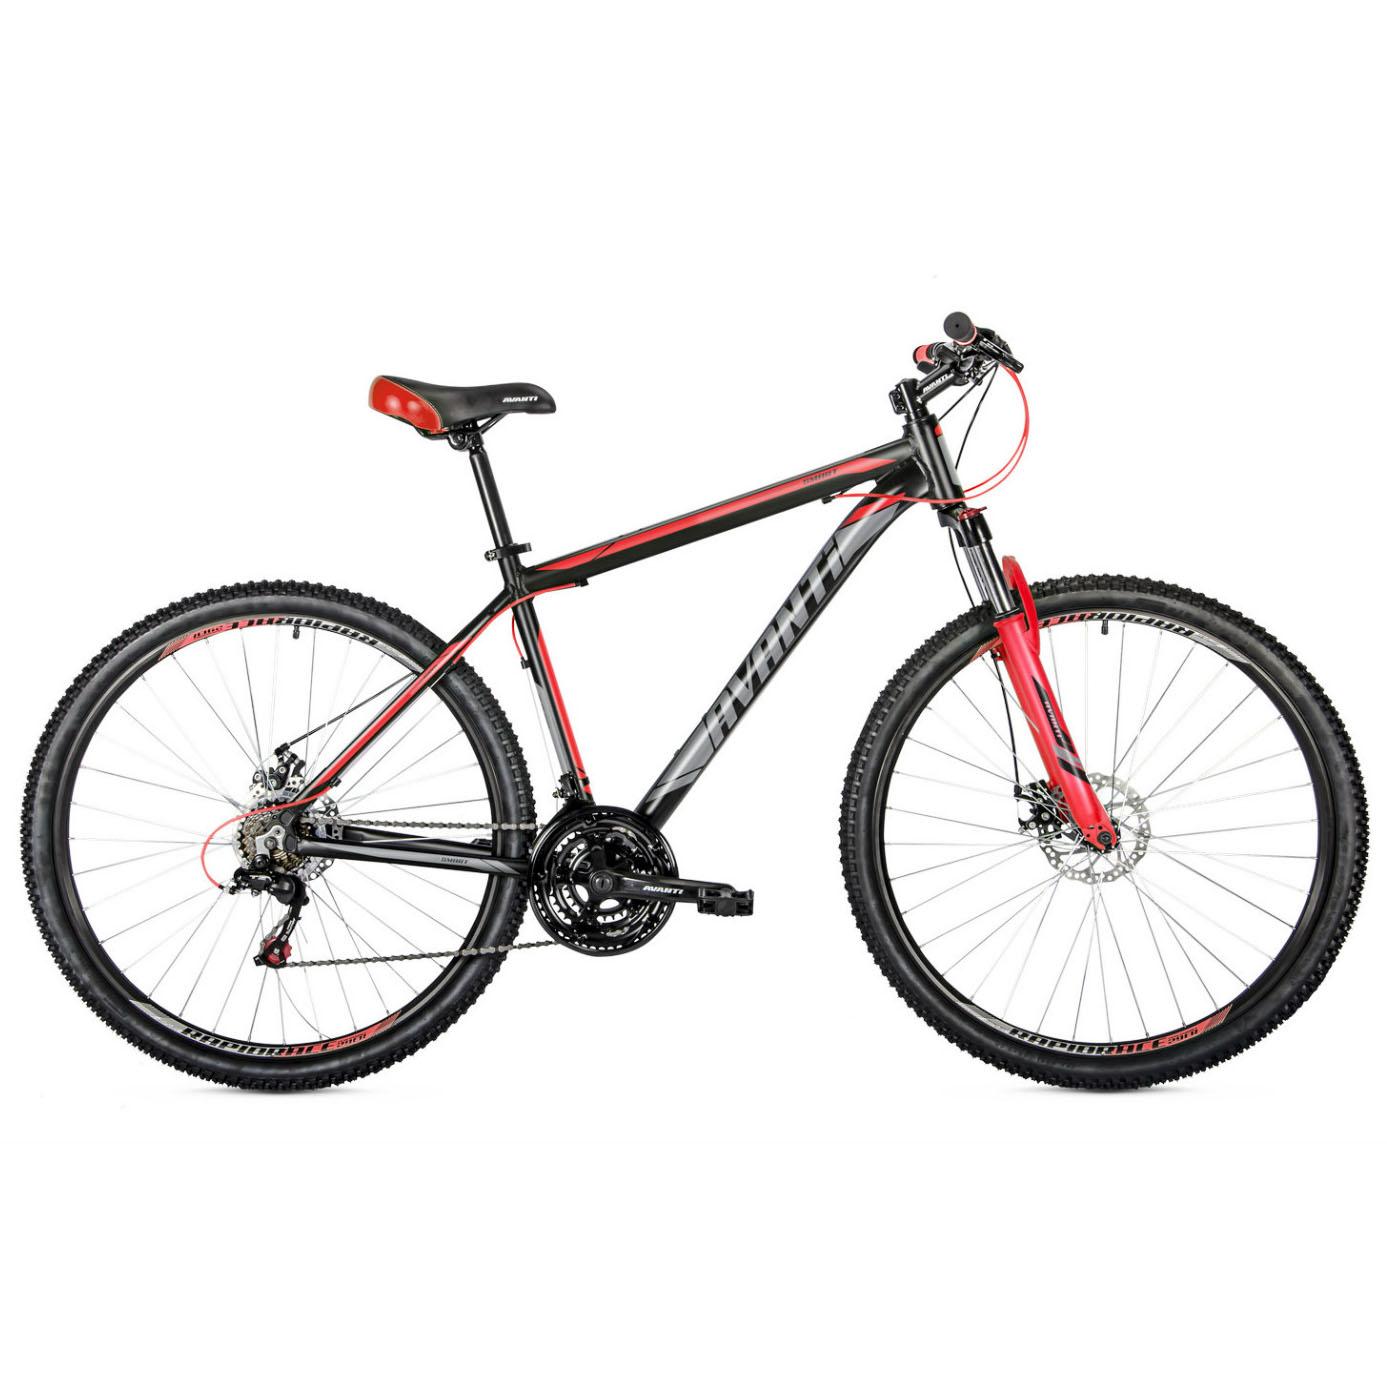 Фото Горный Велосипед   29 Avanti Smart disk 2018  вилка Lock Out черно-красный